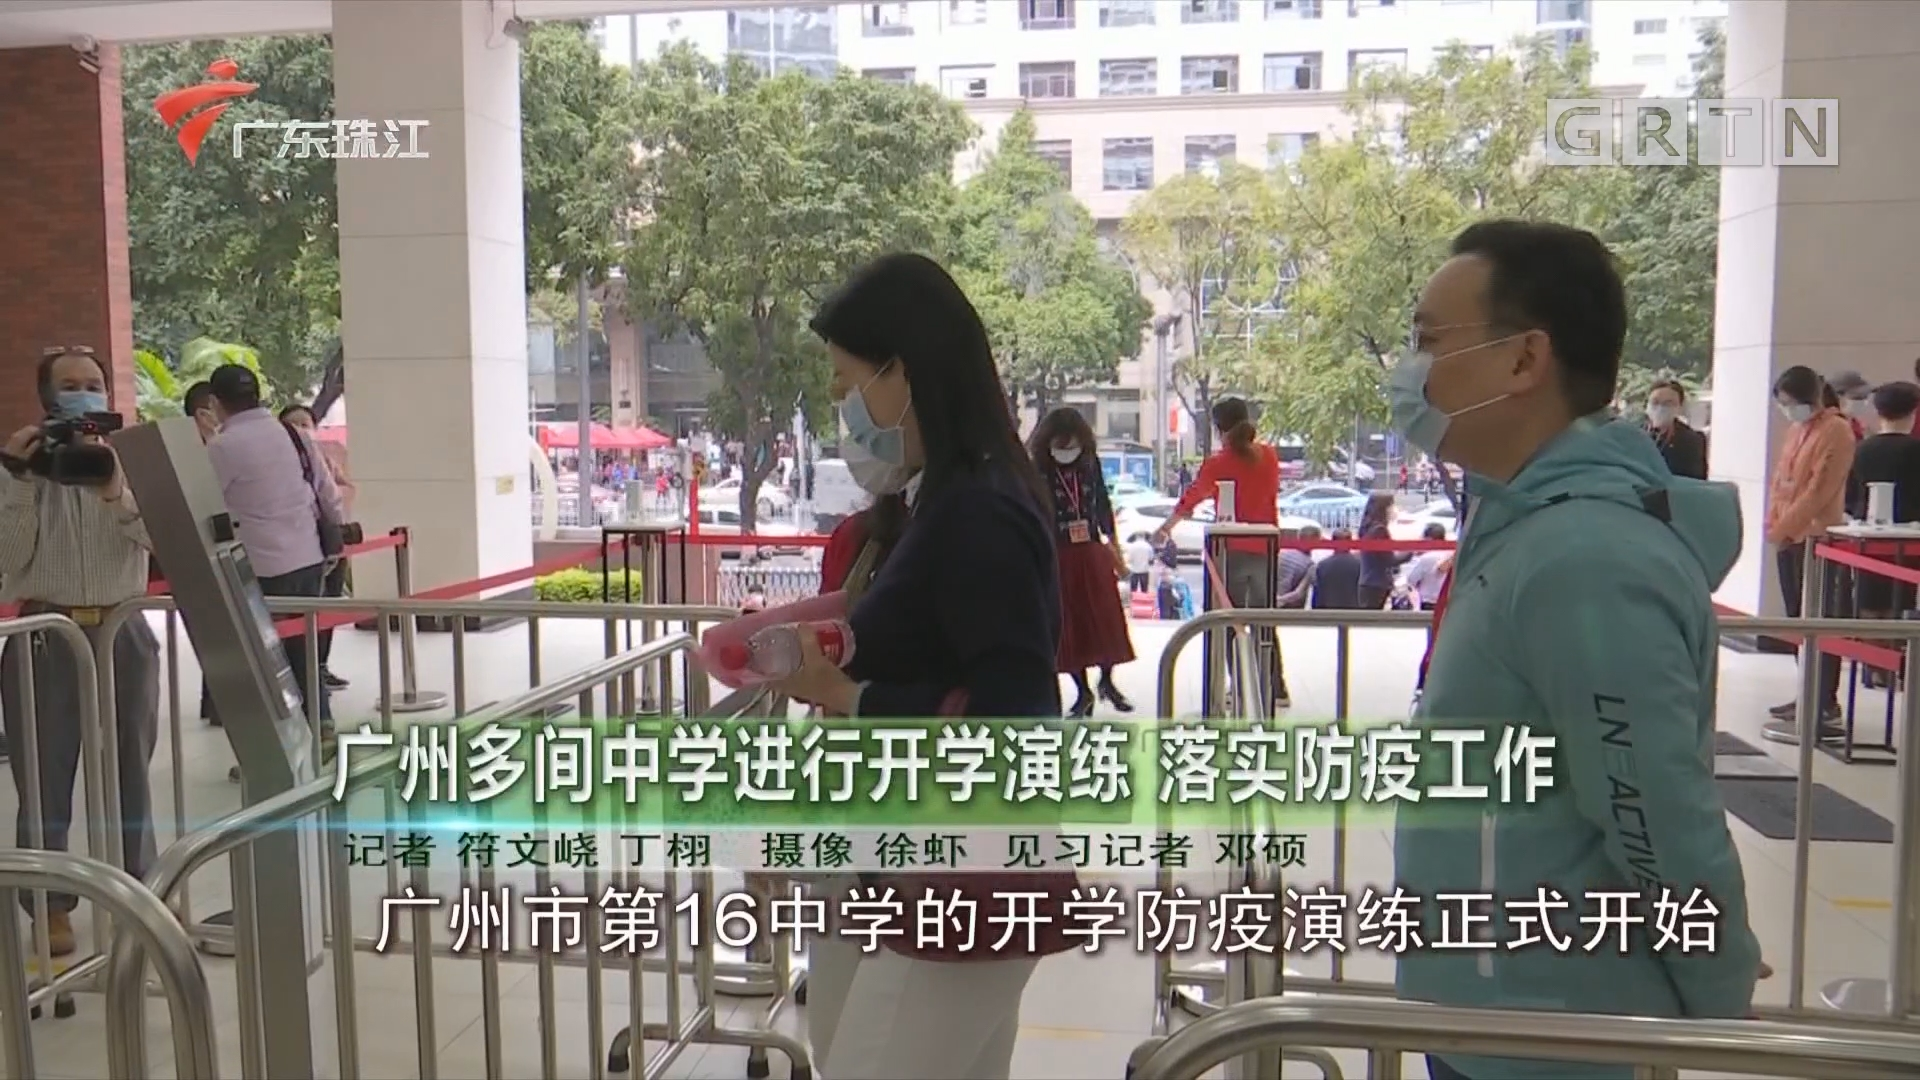 广州多间中学进行开学演练 落实防疫工作